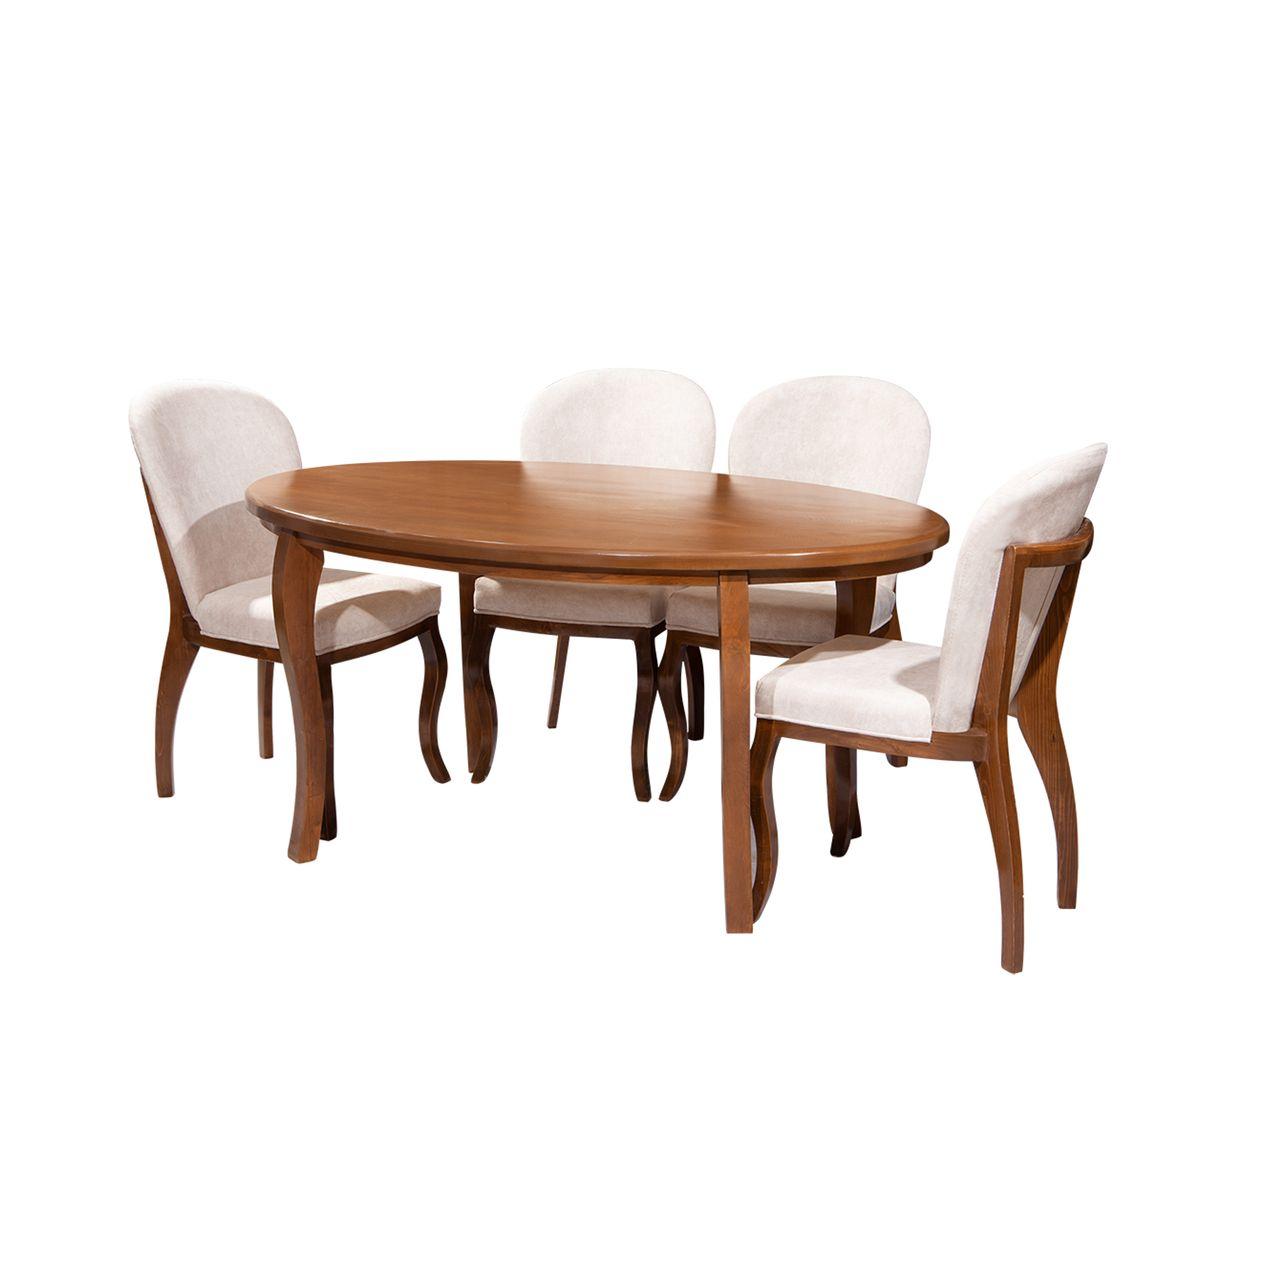 میز و صندلی ناهار خوری مدل پاتریس کد 089